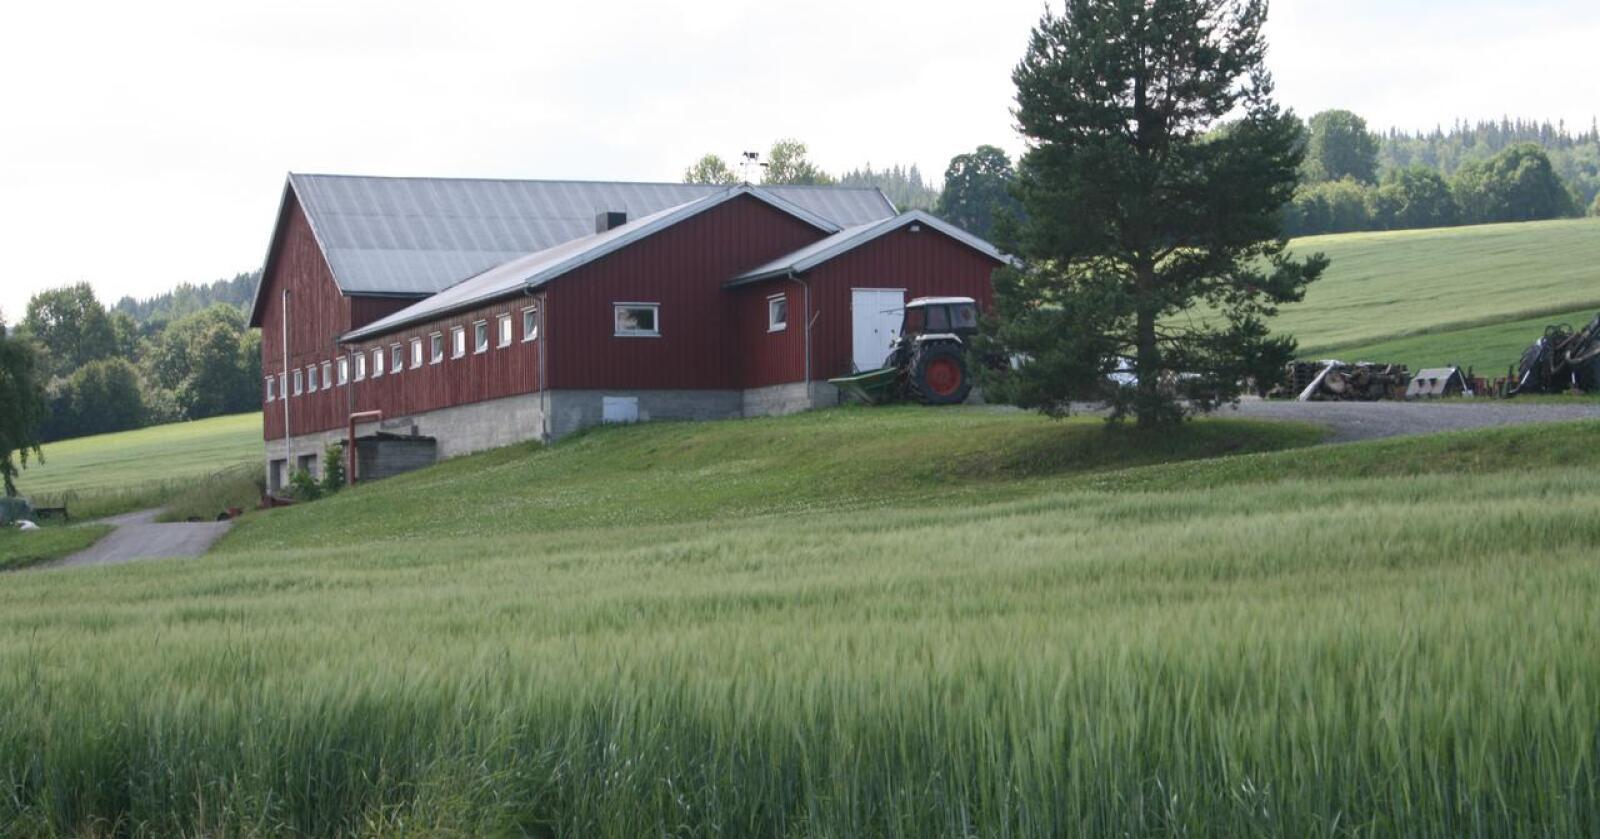 Prisvekst: Staten tilbyr ein prisvekst på mellom 3 og 3,5 prosent for dei fleste kornslag og litt under 2,9 prosent vekst i dei samla tilskota til jordbruket. Her frå Vestre Toten i Innlandet. Foto: Bjarne Bekkeheien Aase